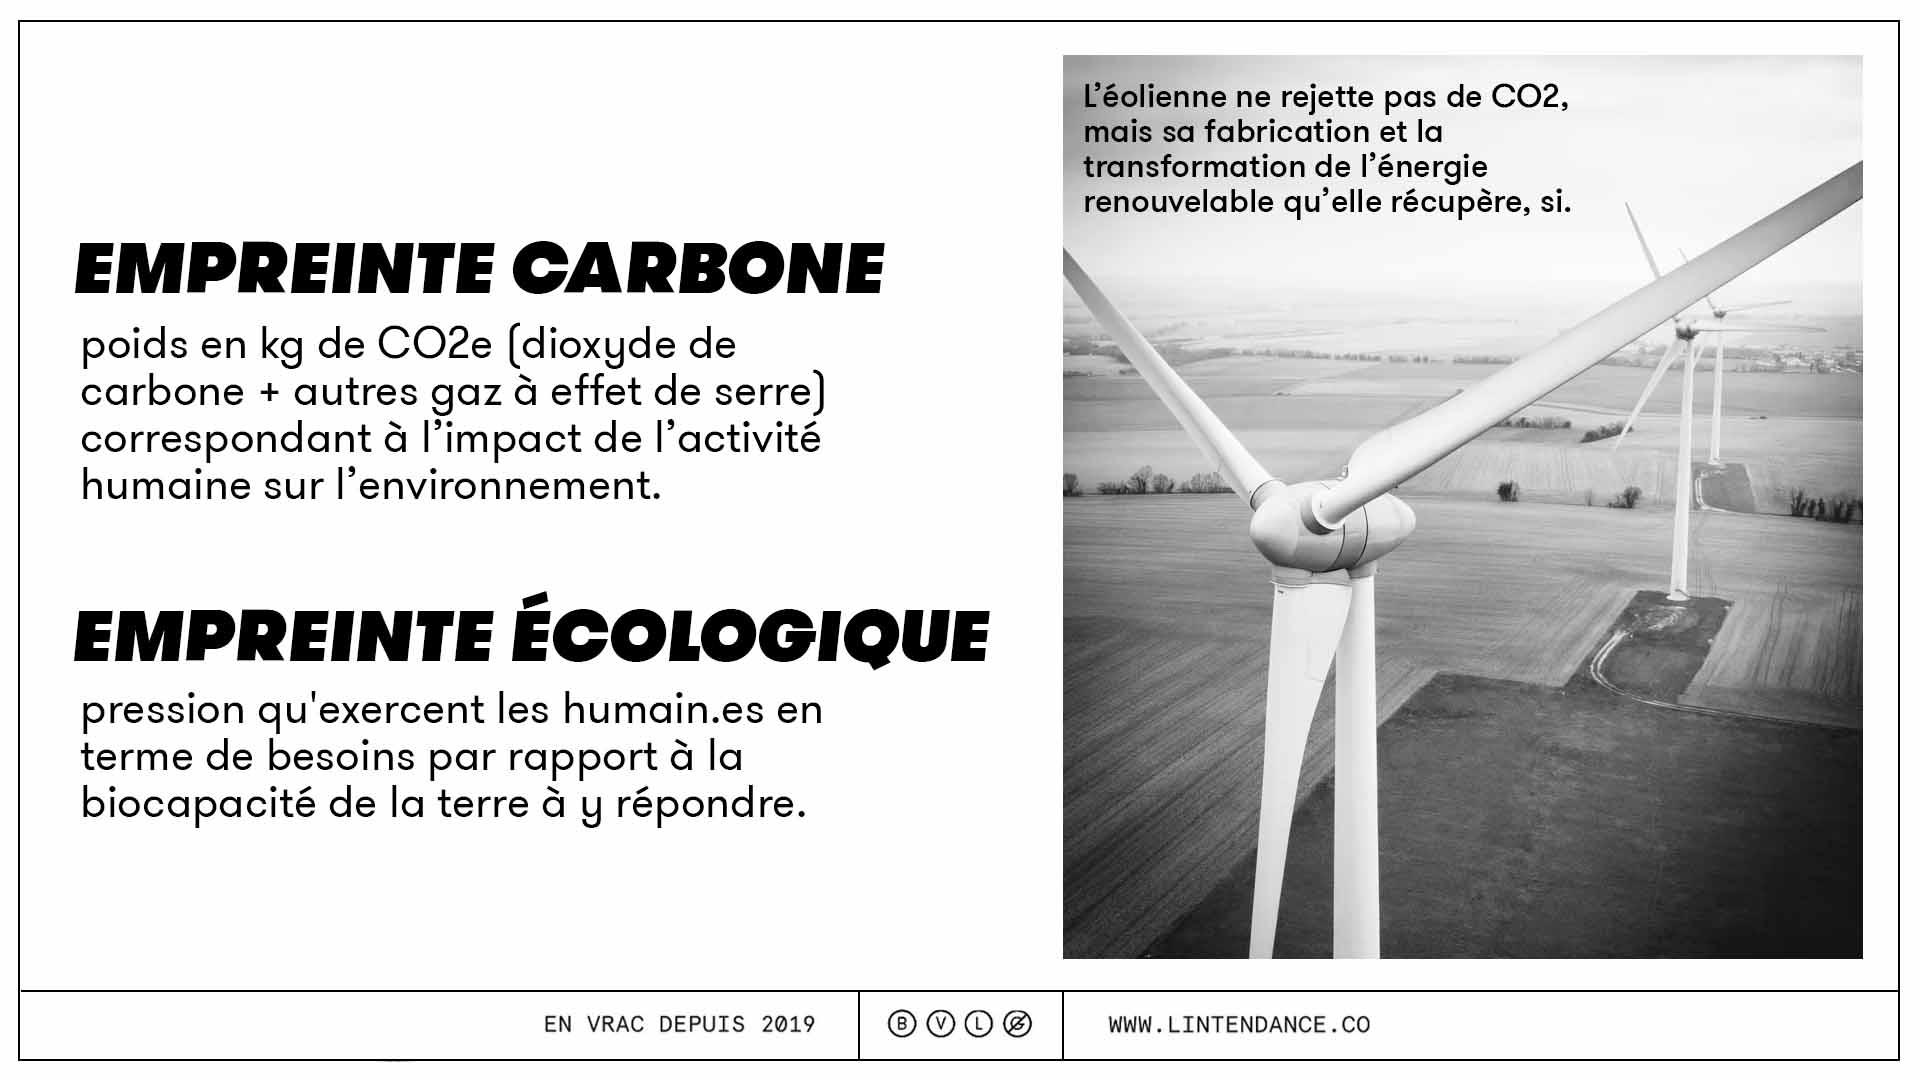 Calcul empreinte carbone définition environnement éolienne énergie